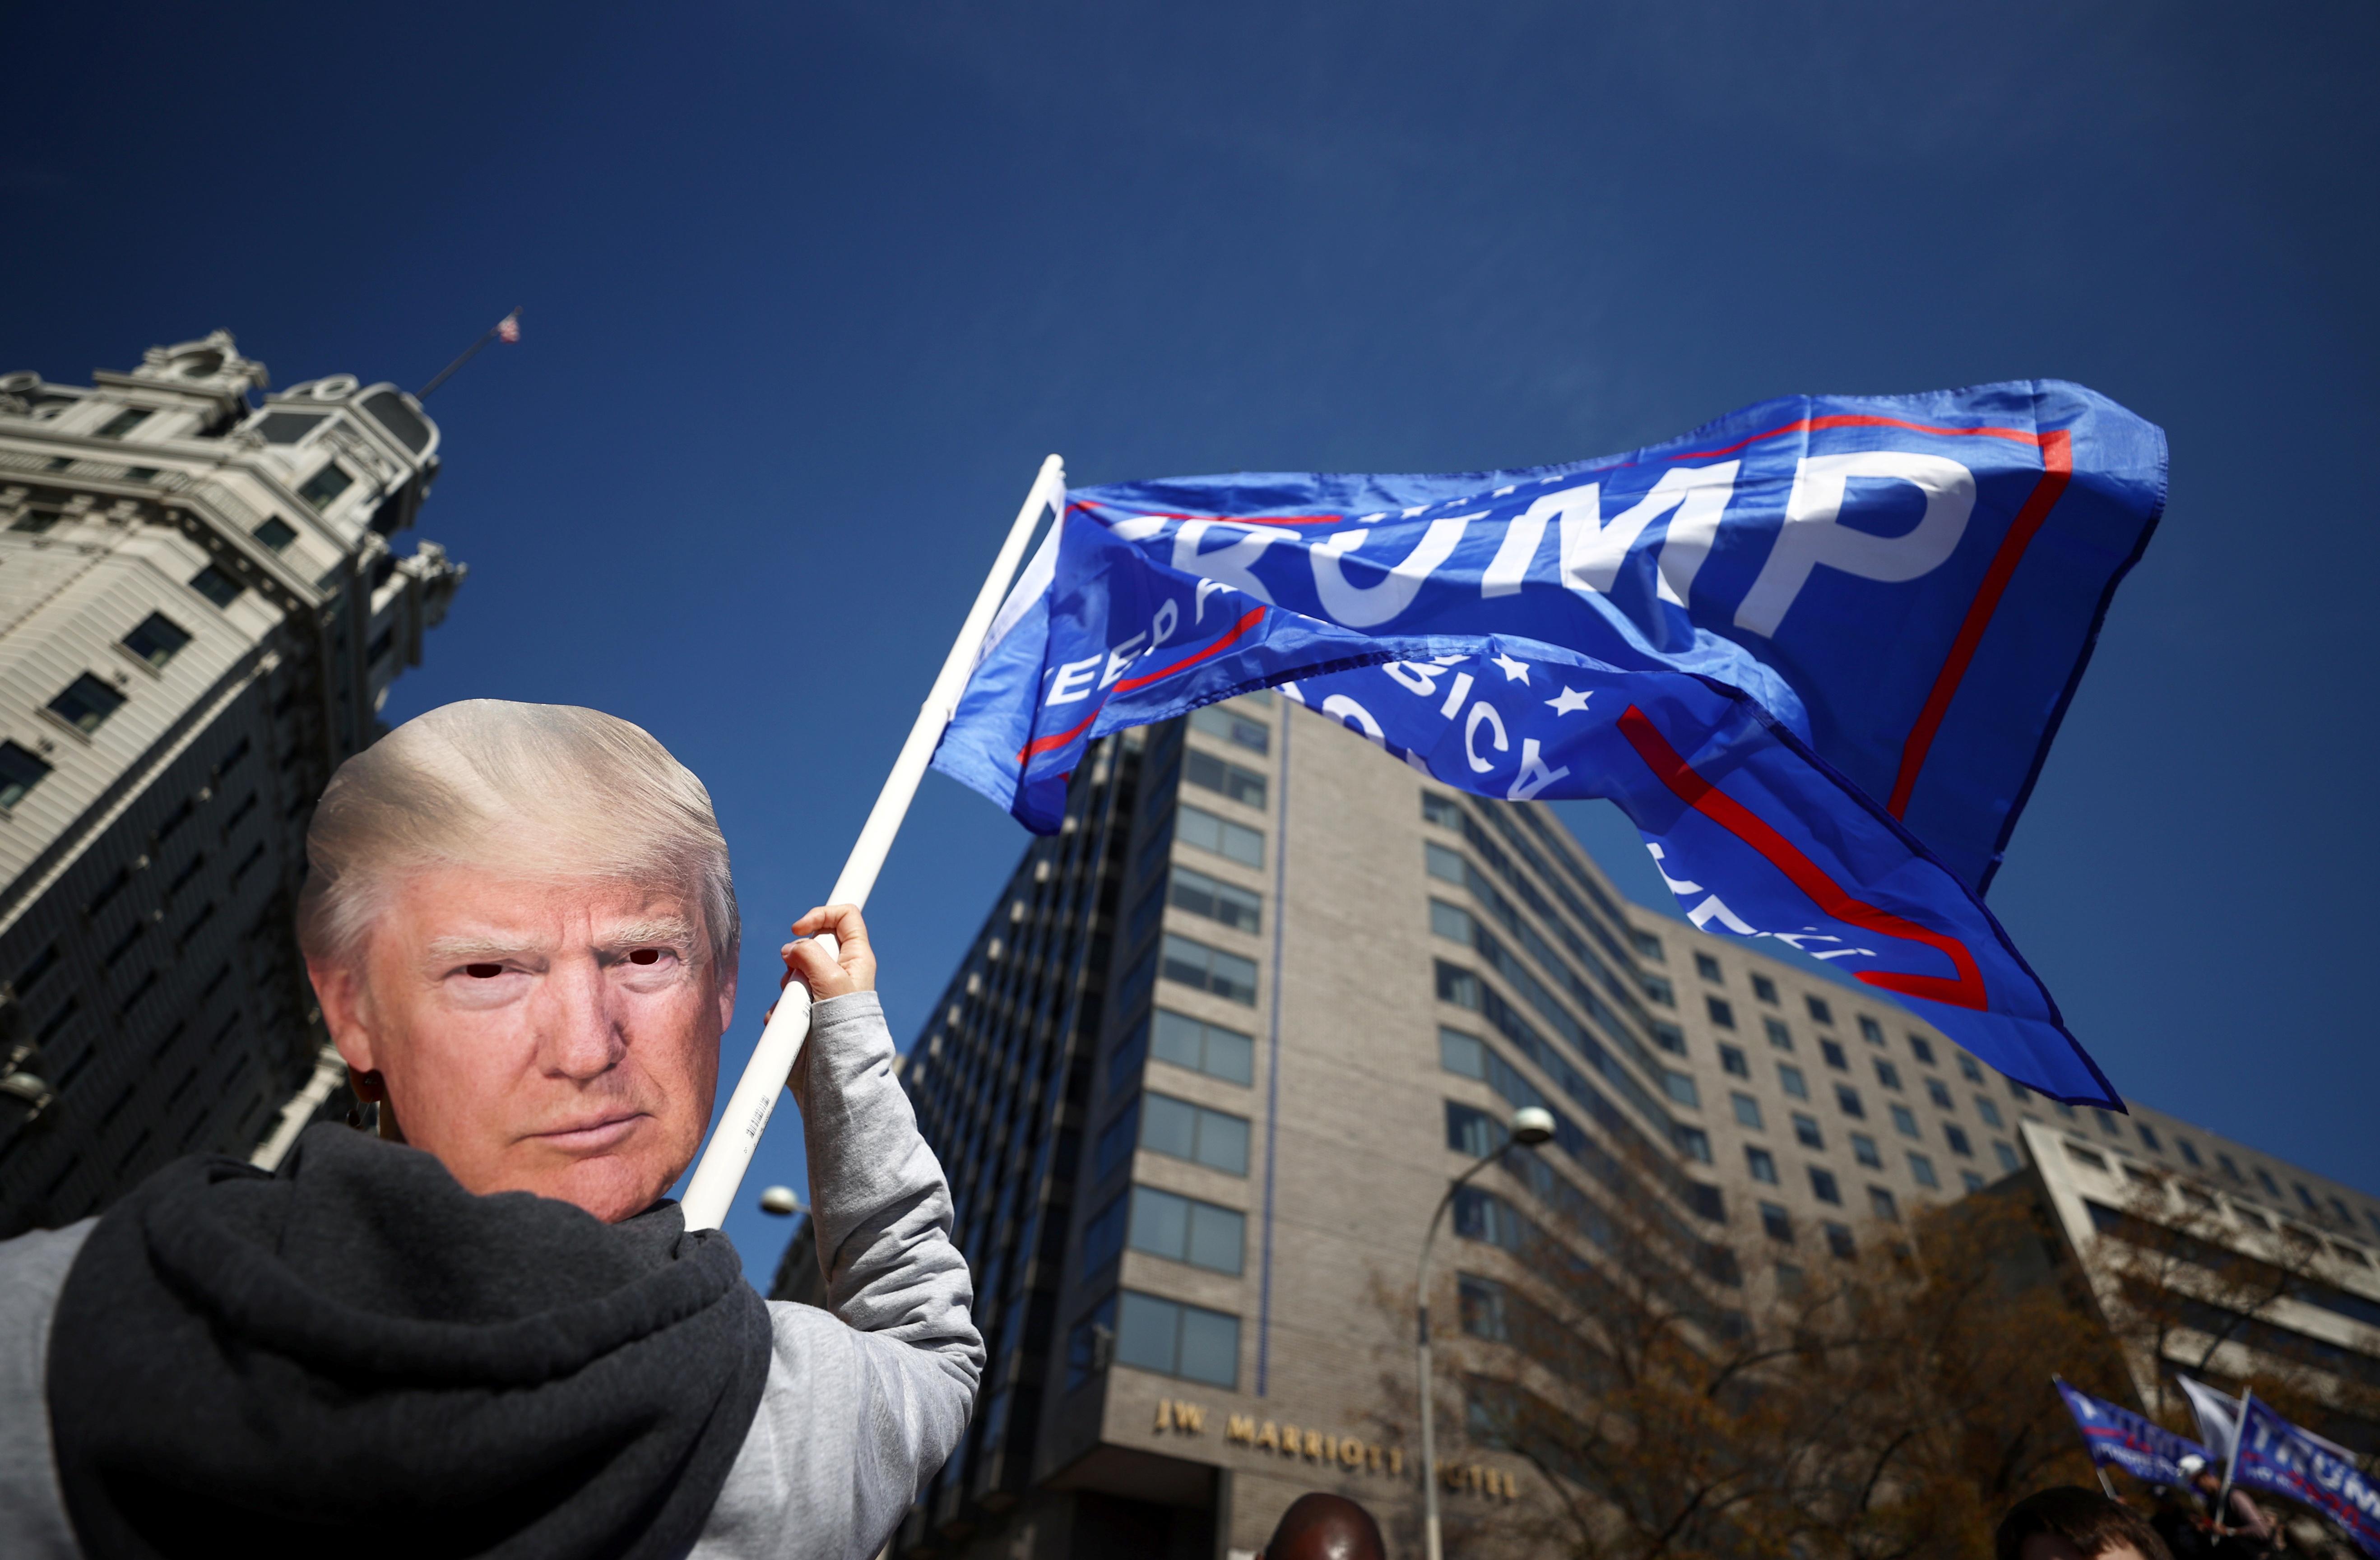 """Сторонники президента Трампа участвуют в """"Остановить кражу"""" протест в субботу.  (Ханна Маккей / Reuters)"""